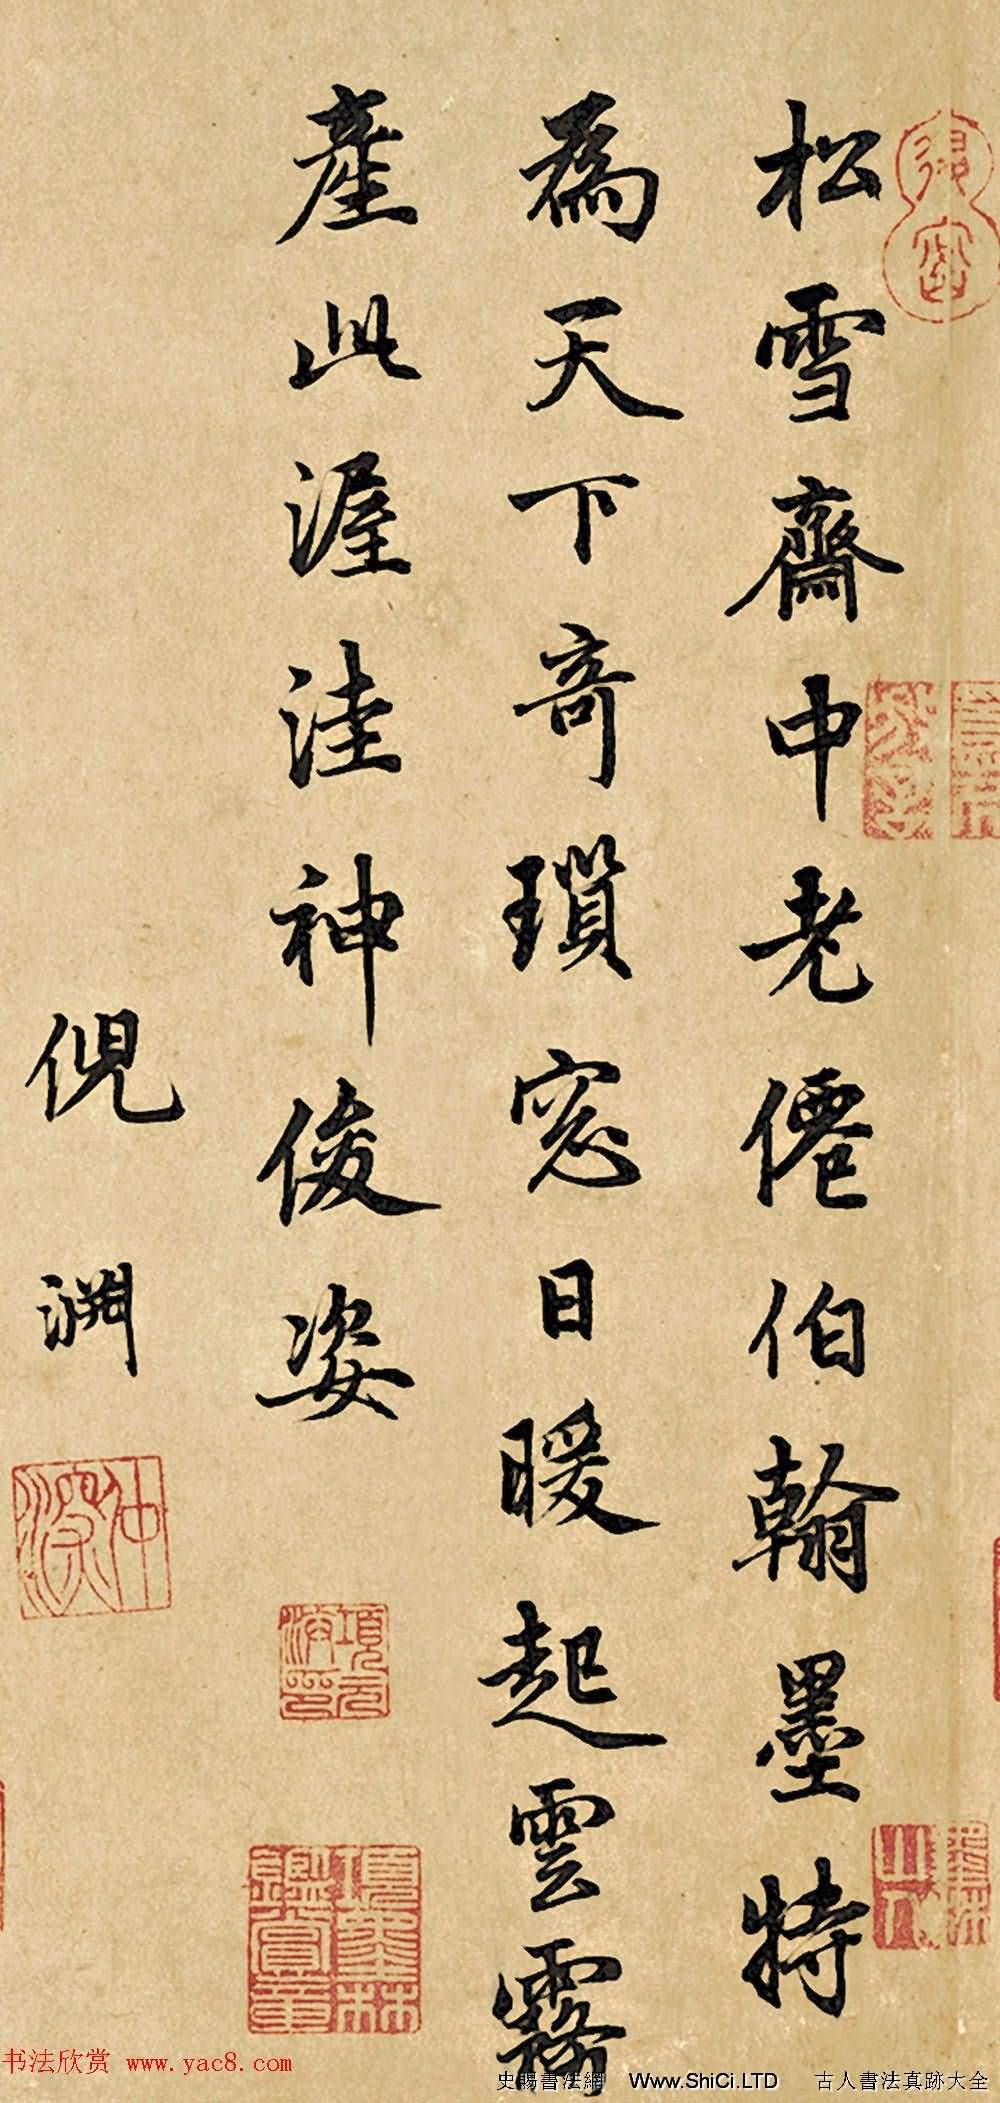 趙孟頫人騎圖卷後書法題跋專輯(共16張圖片)